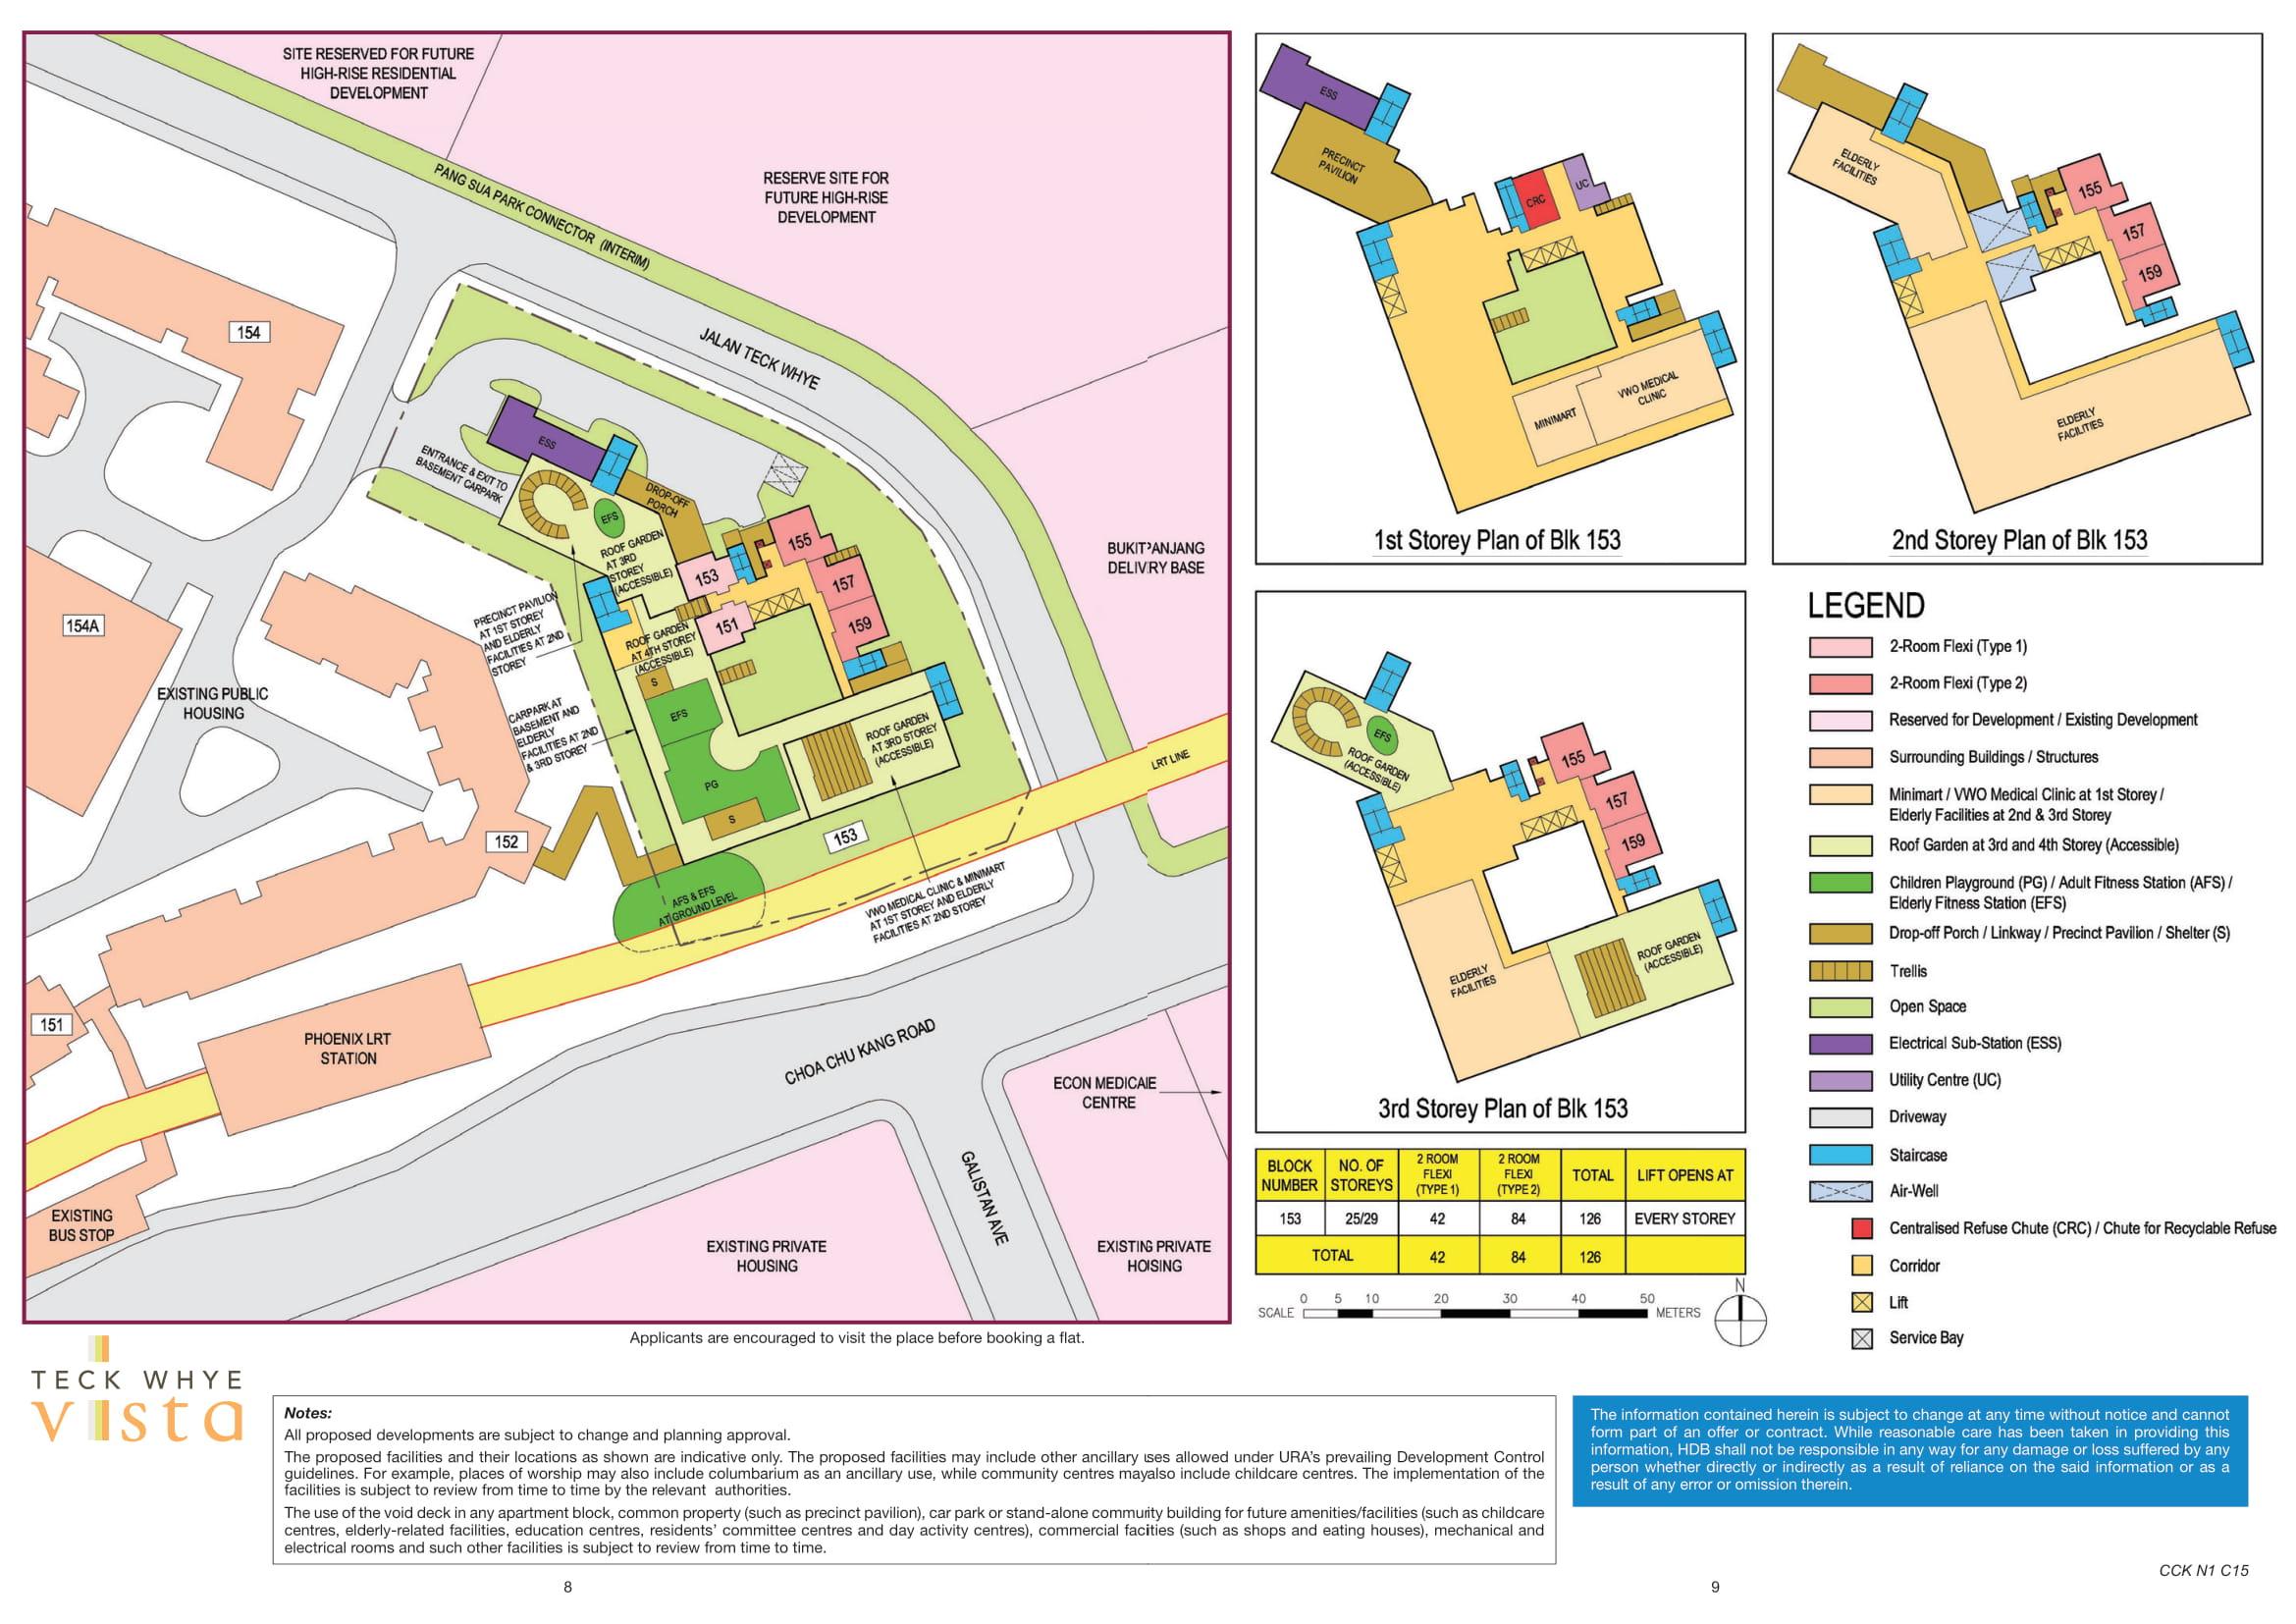 Teck Whye Vista Site Plan